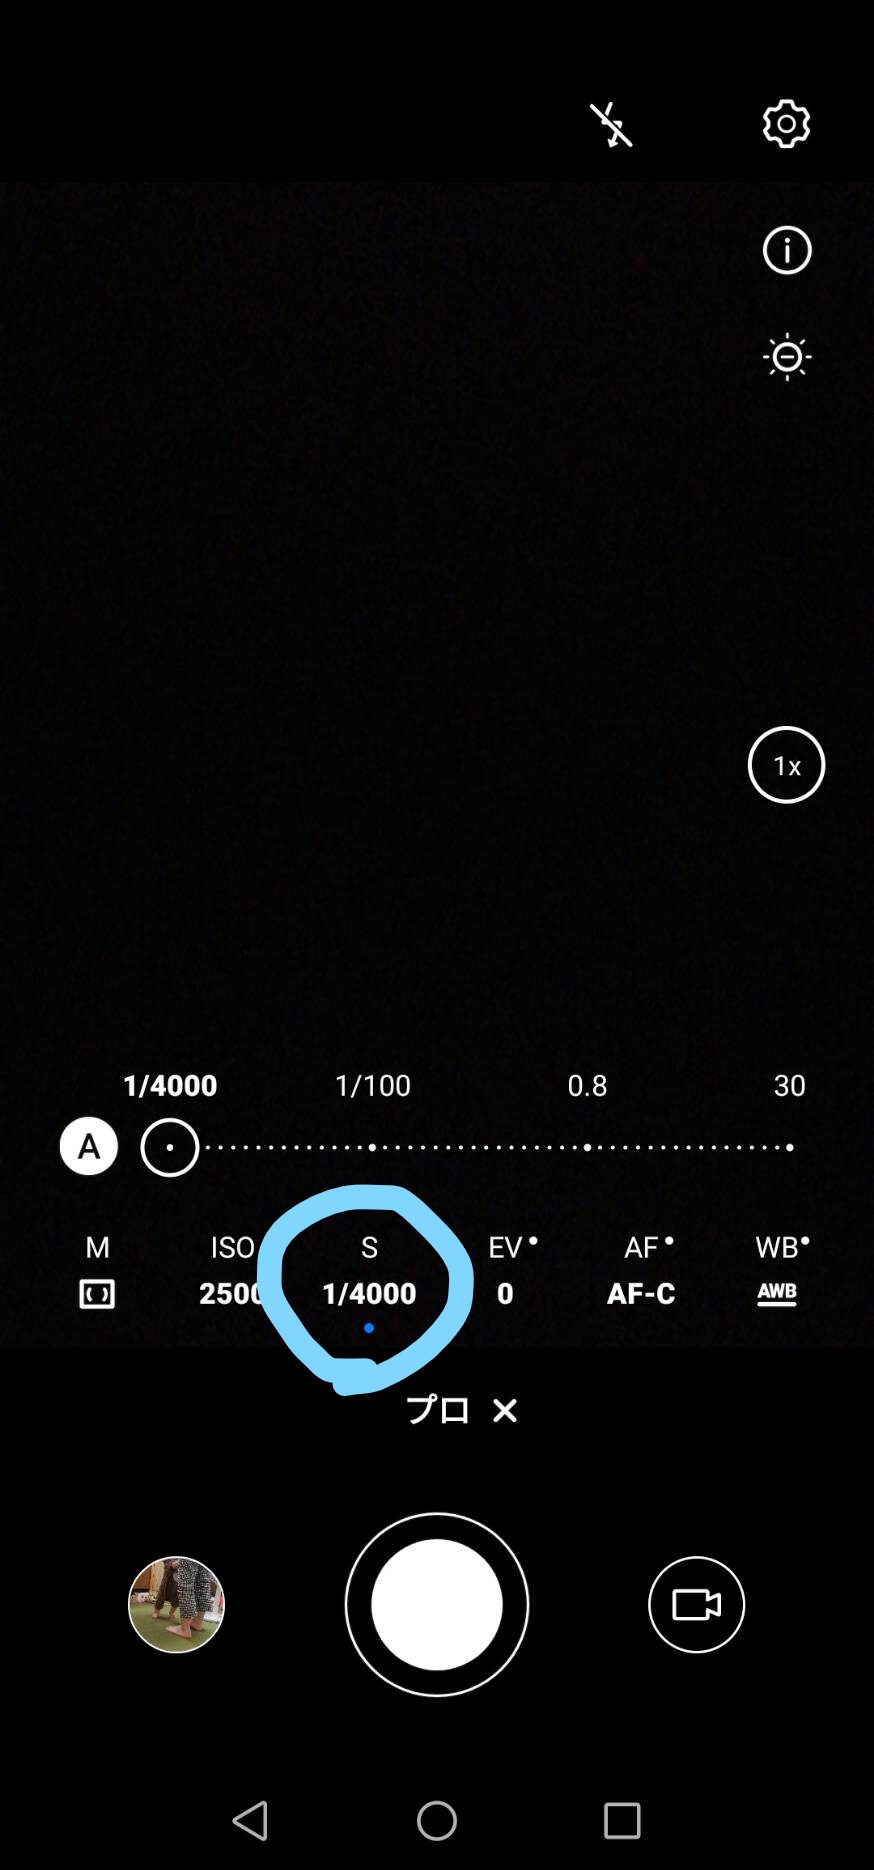 Androidのシャッター速度変更